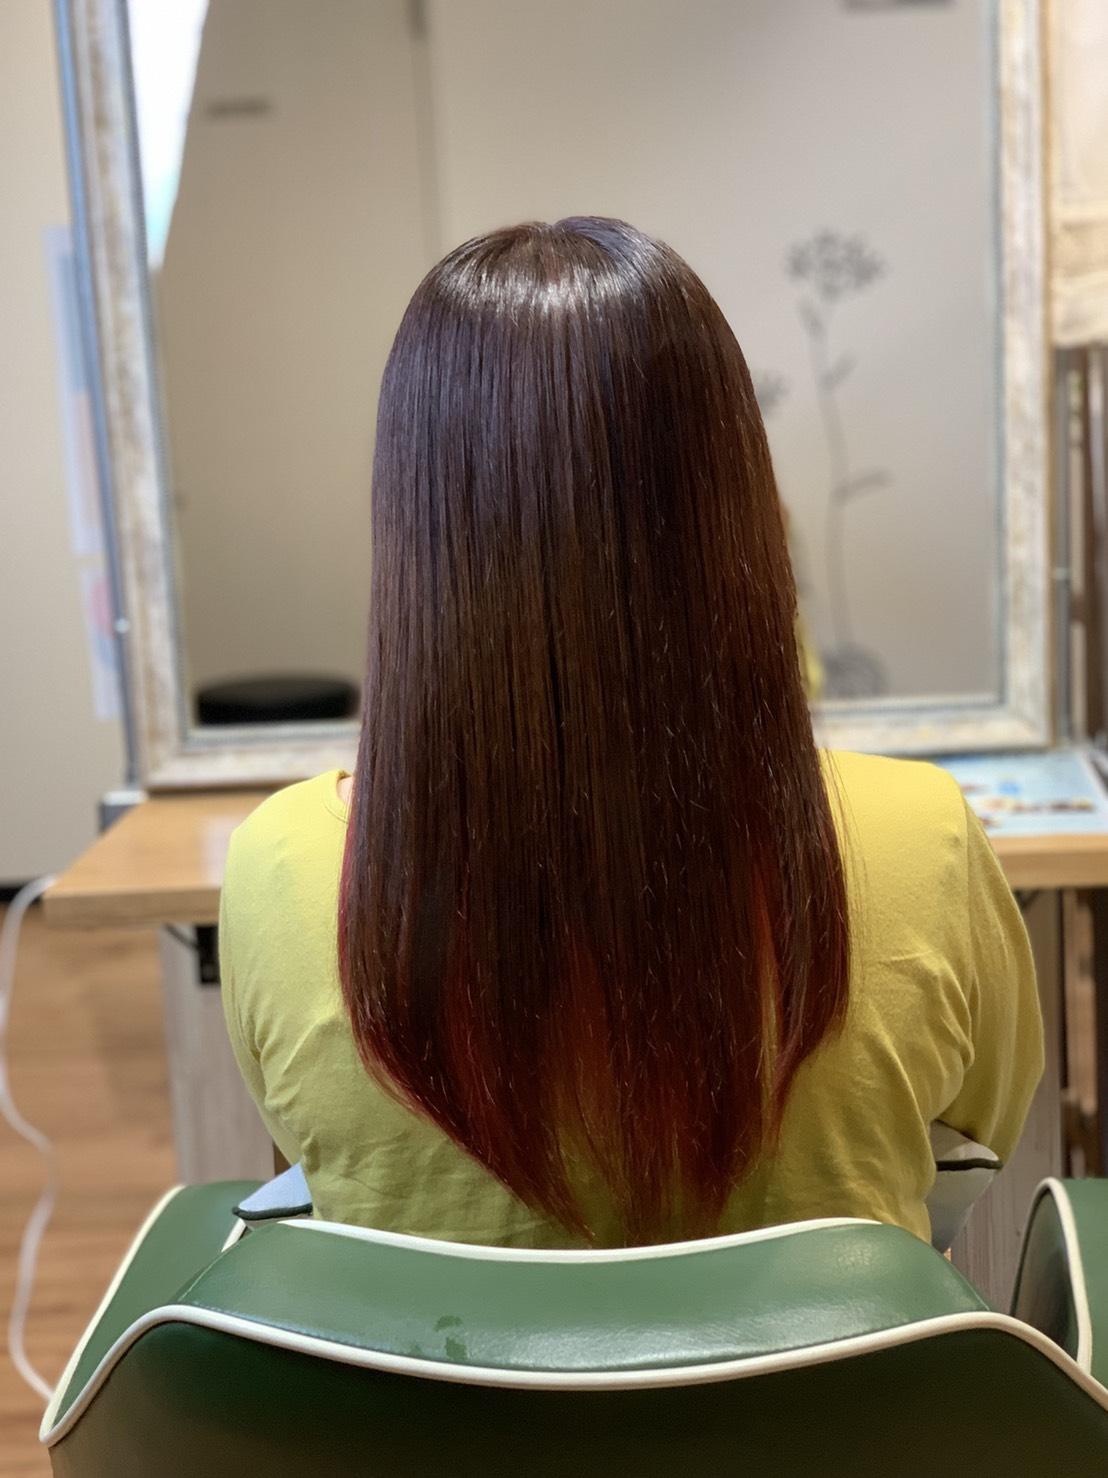 S  31023114 - Hair Gallery